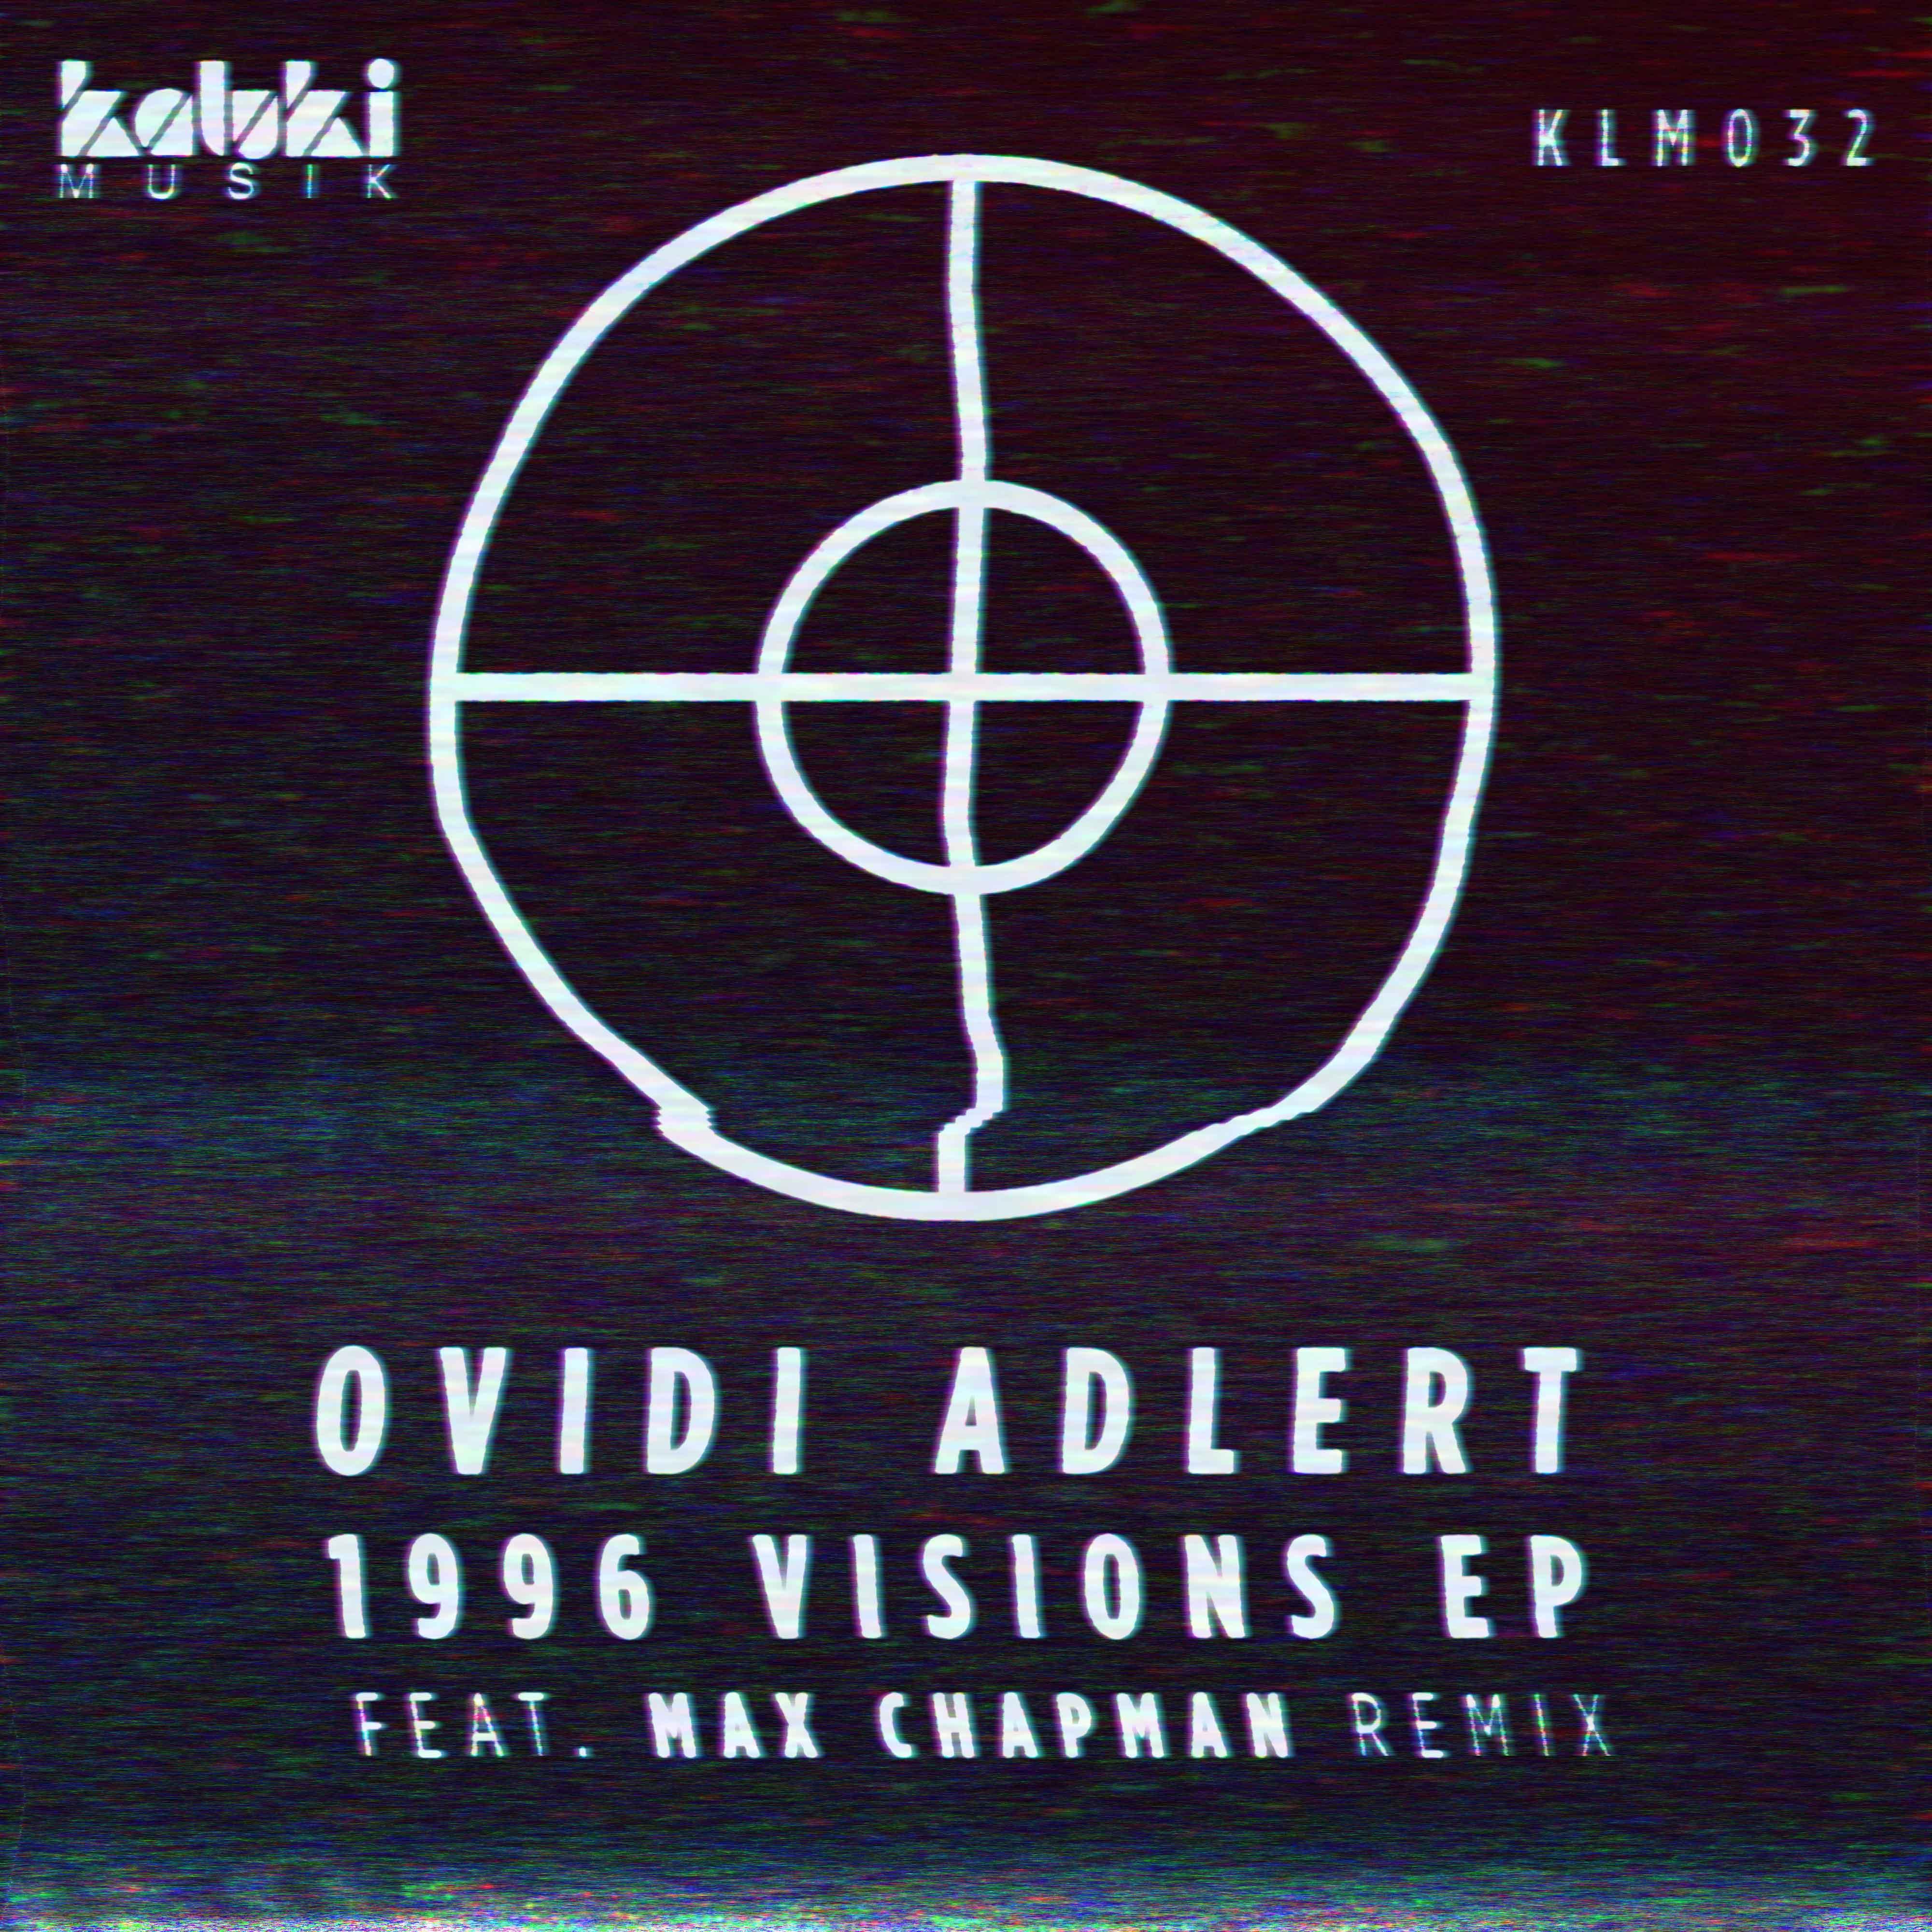 ovidi-adlert_1996-visions-ep_4000px.jpg